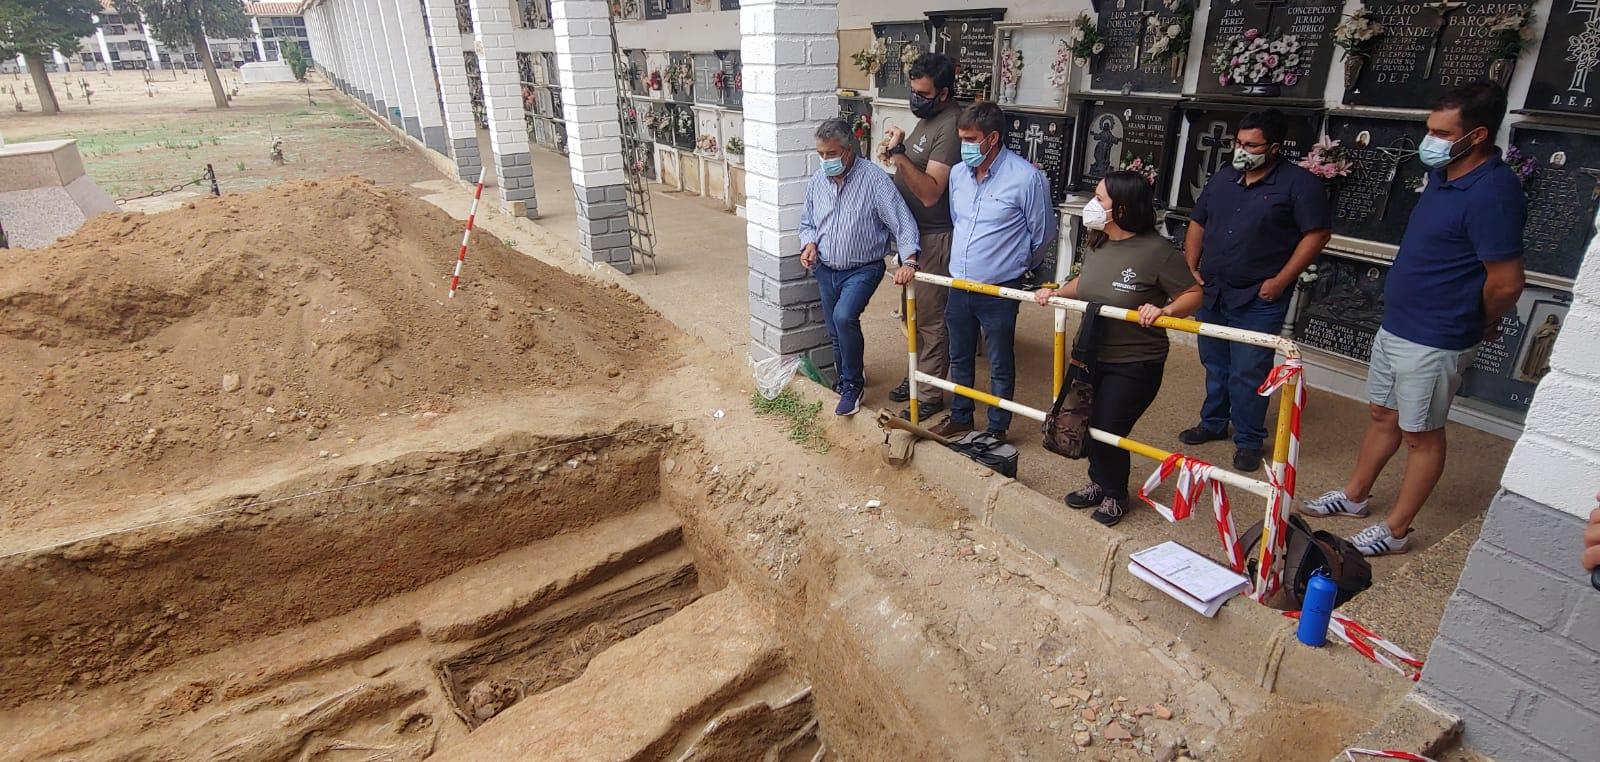 La Delegación de Memoria Democrática se compromete a respaldar los trabajos de exhumación de fosas que se están realizando en Hinojosa del Duque